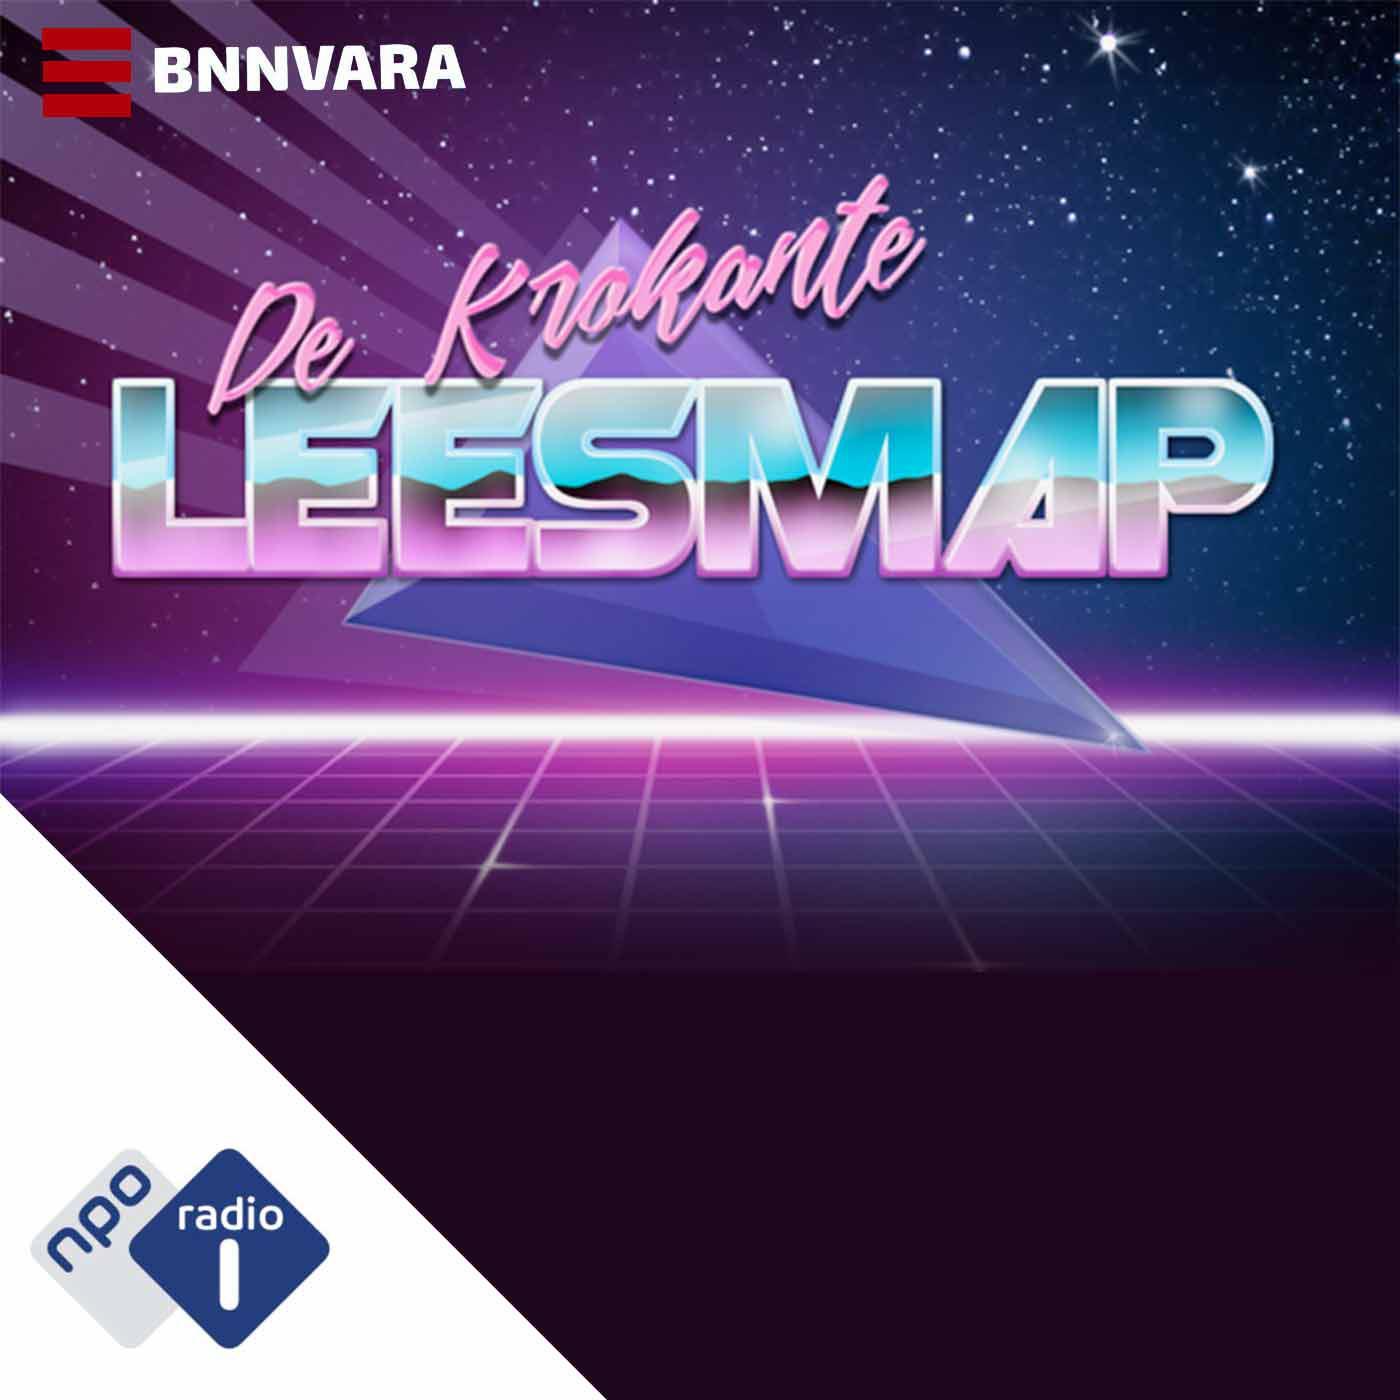 17. De Krokante Leesmap - BNNVARA, NPO Radio 1